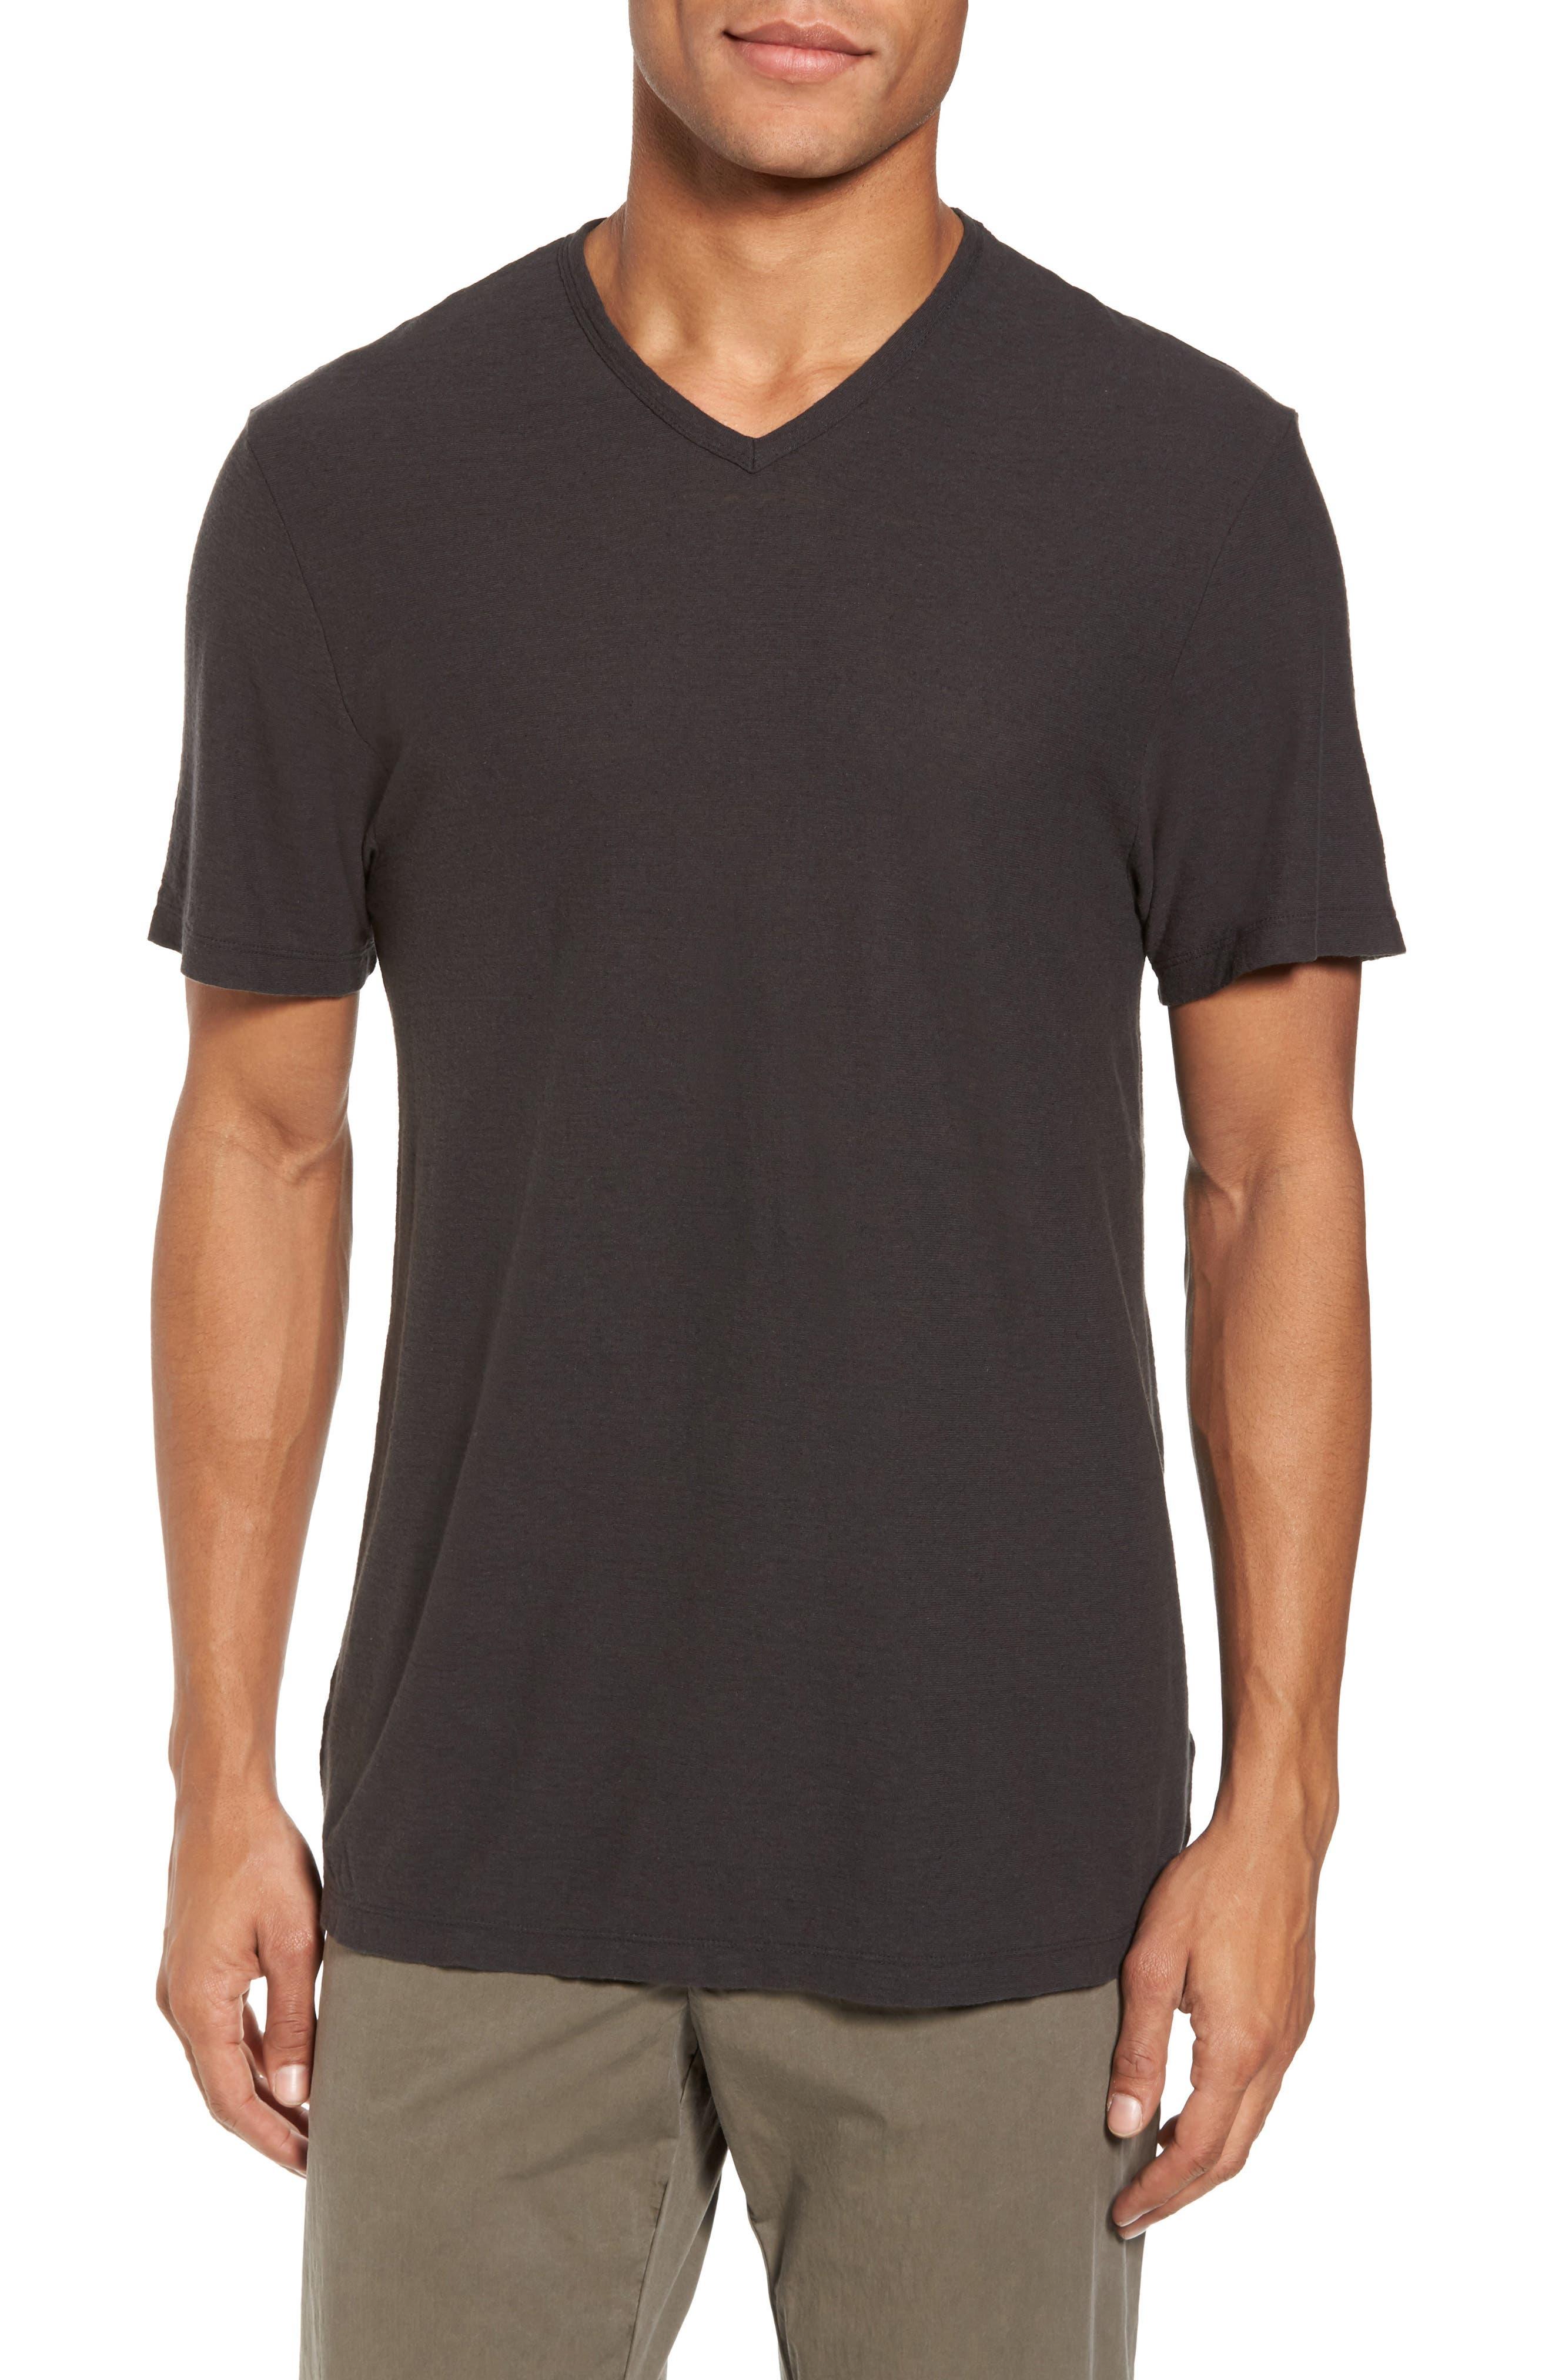 James Perse V-Neck Cotton & Linen T-Shirt